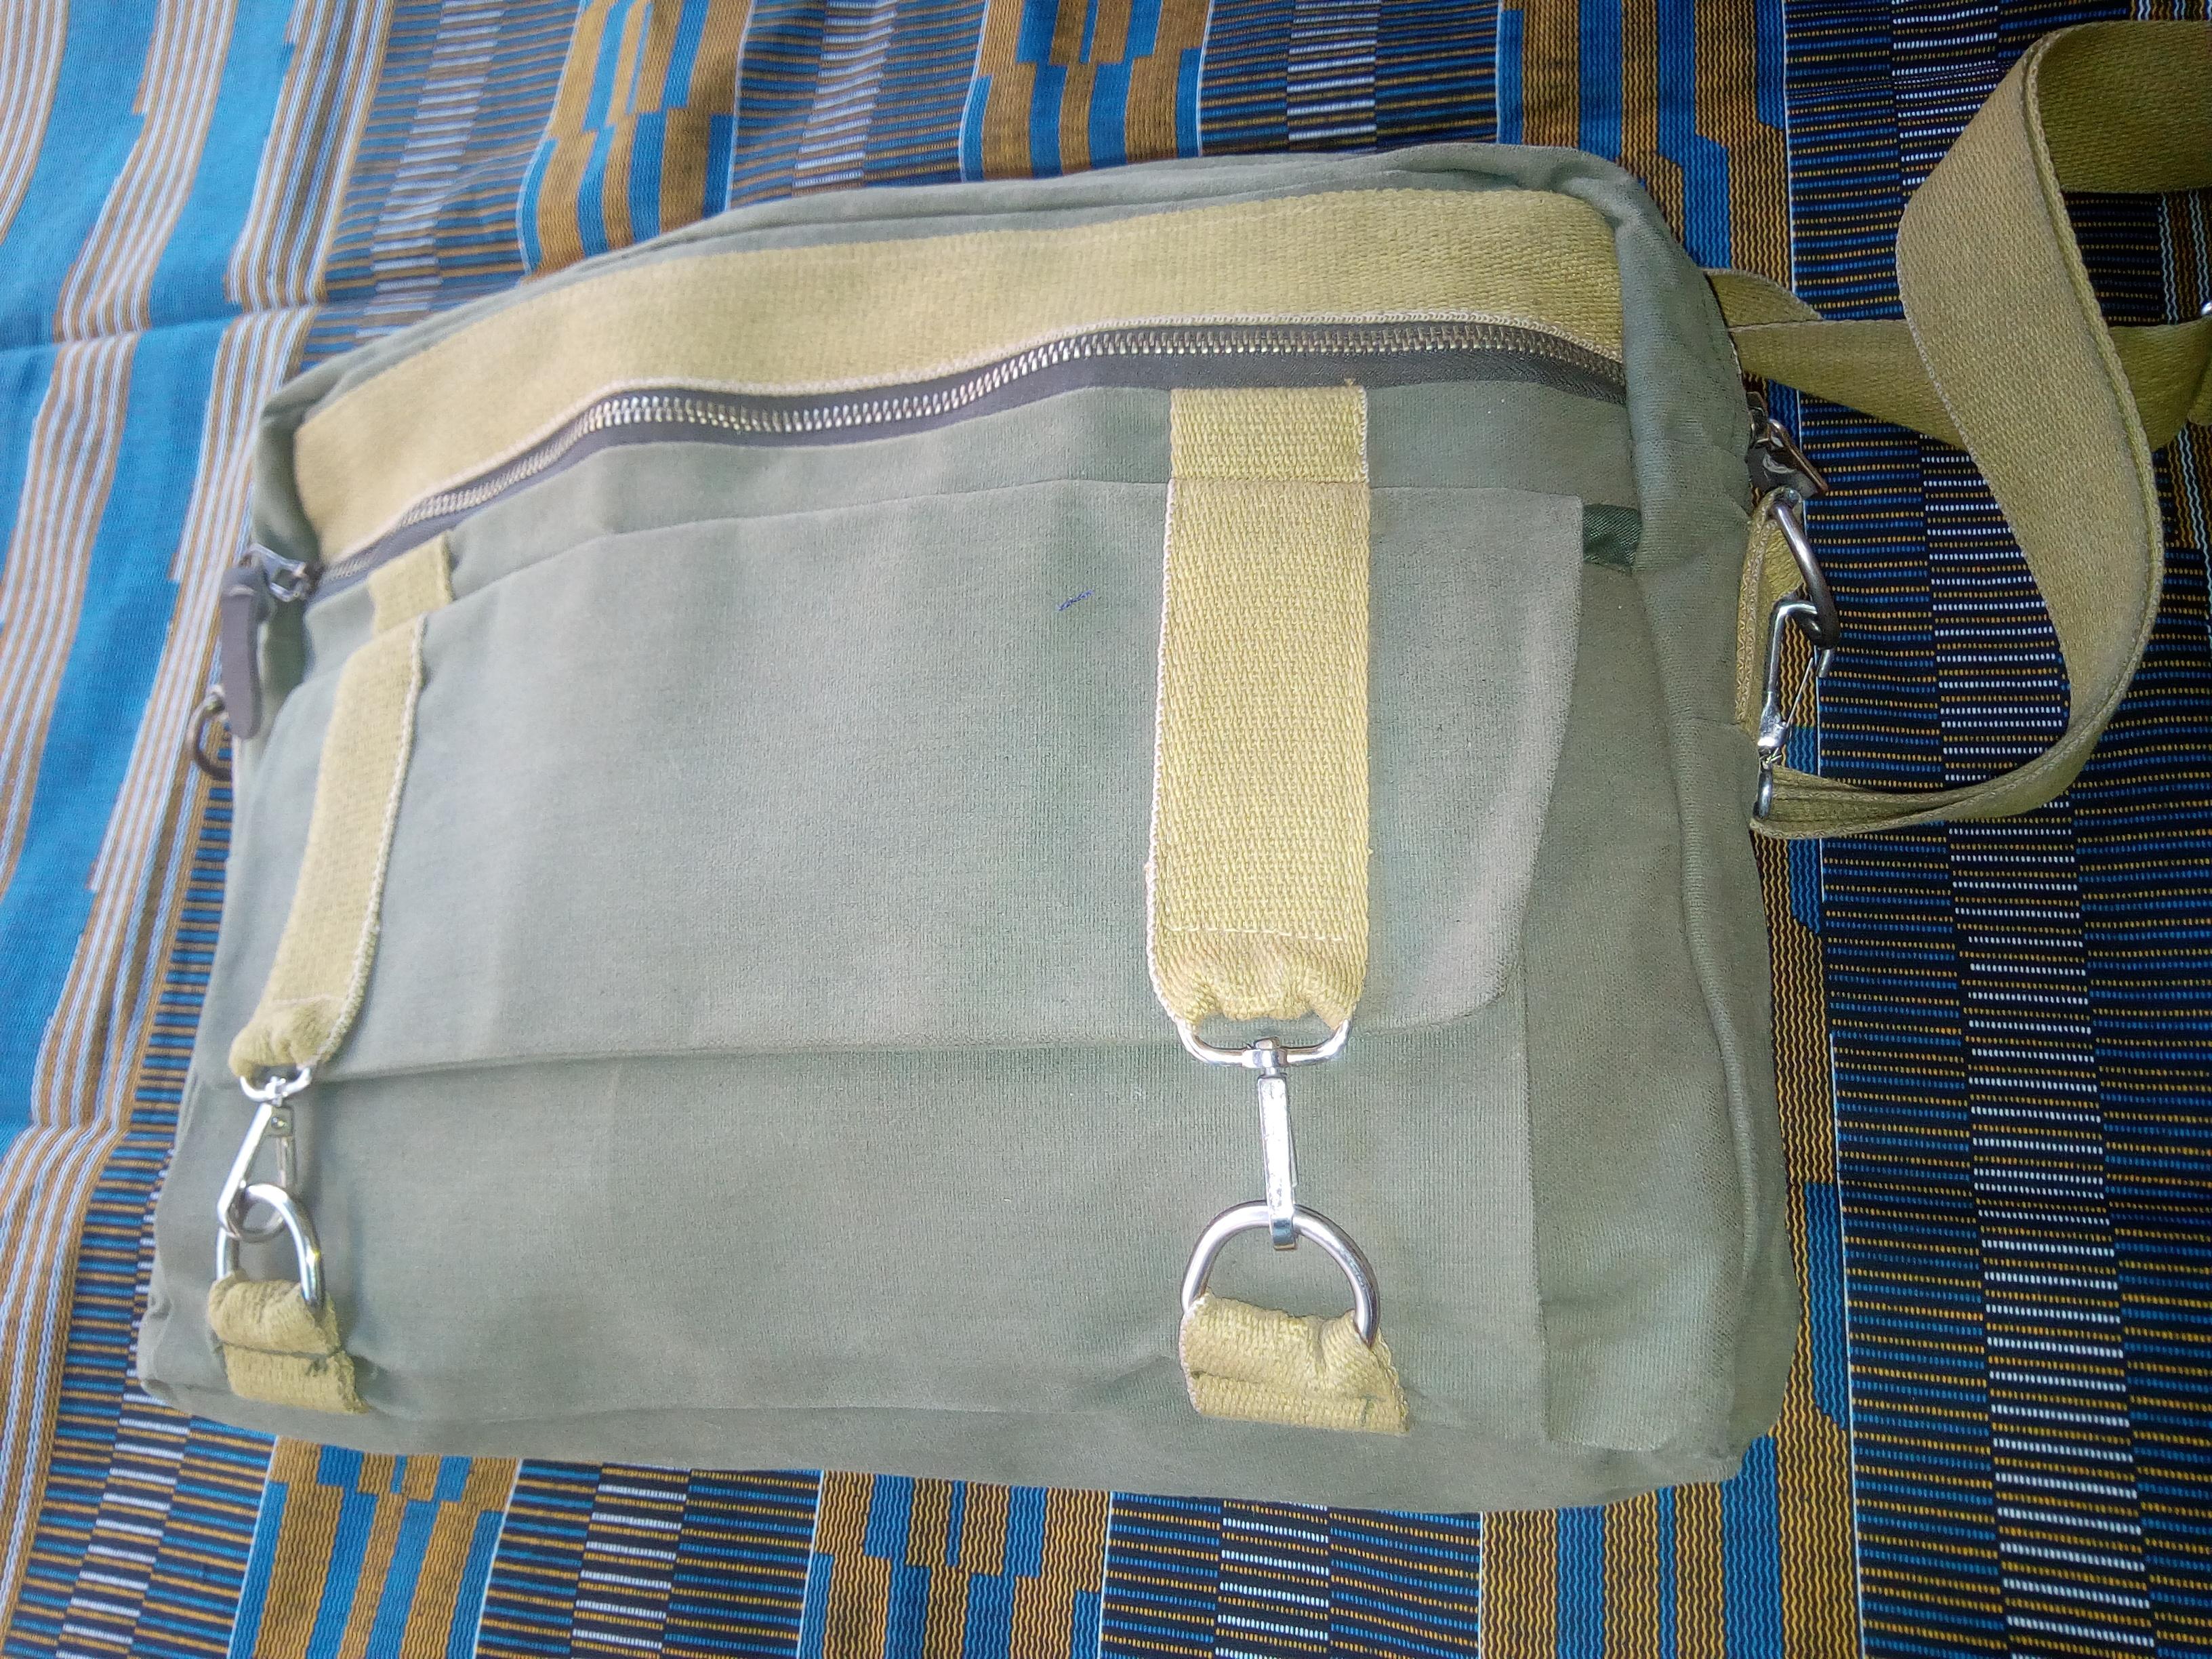 Leinentasche hergestellt in Kenia